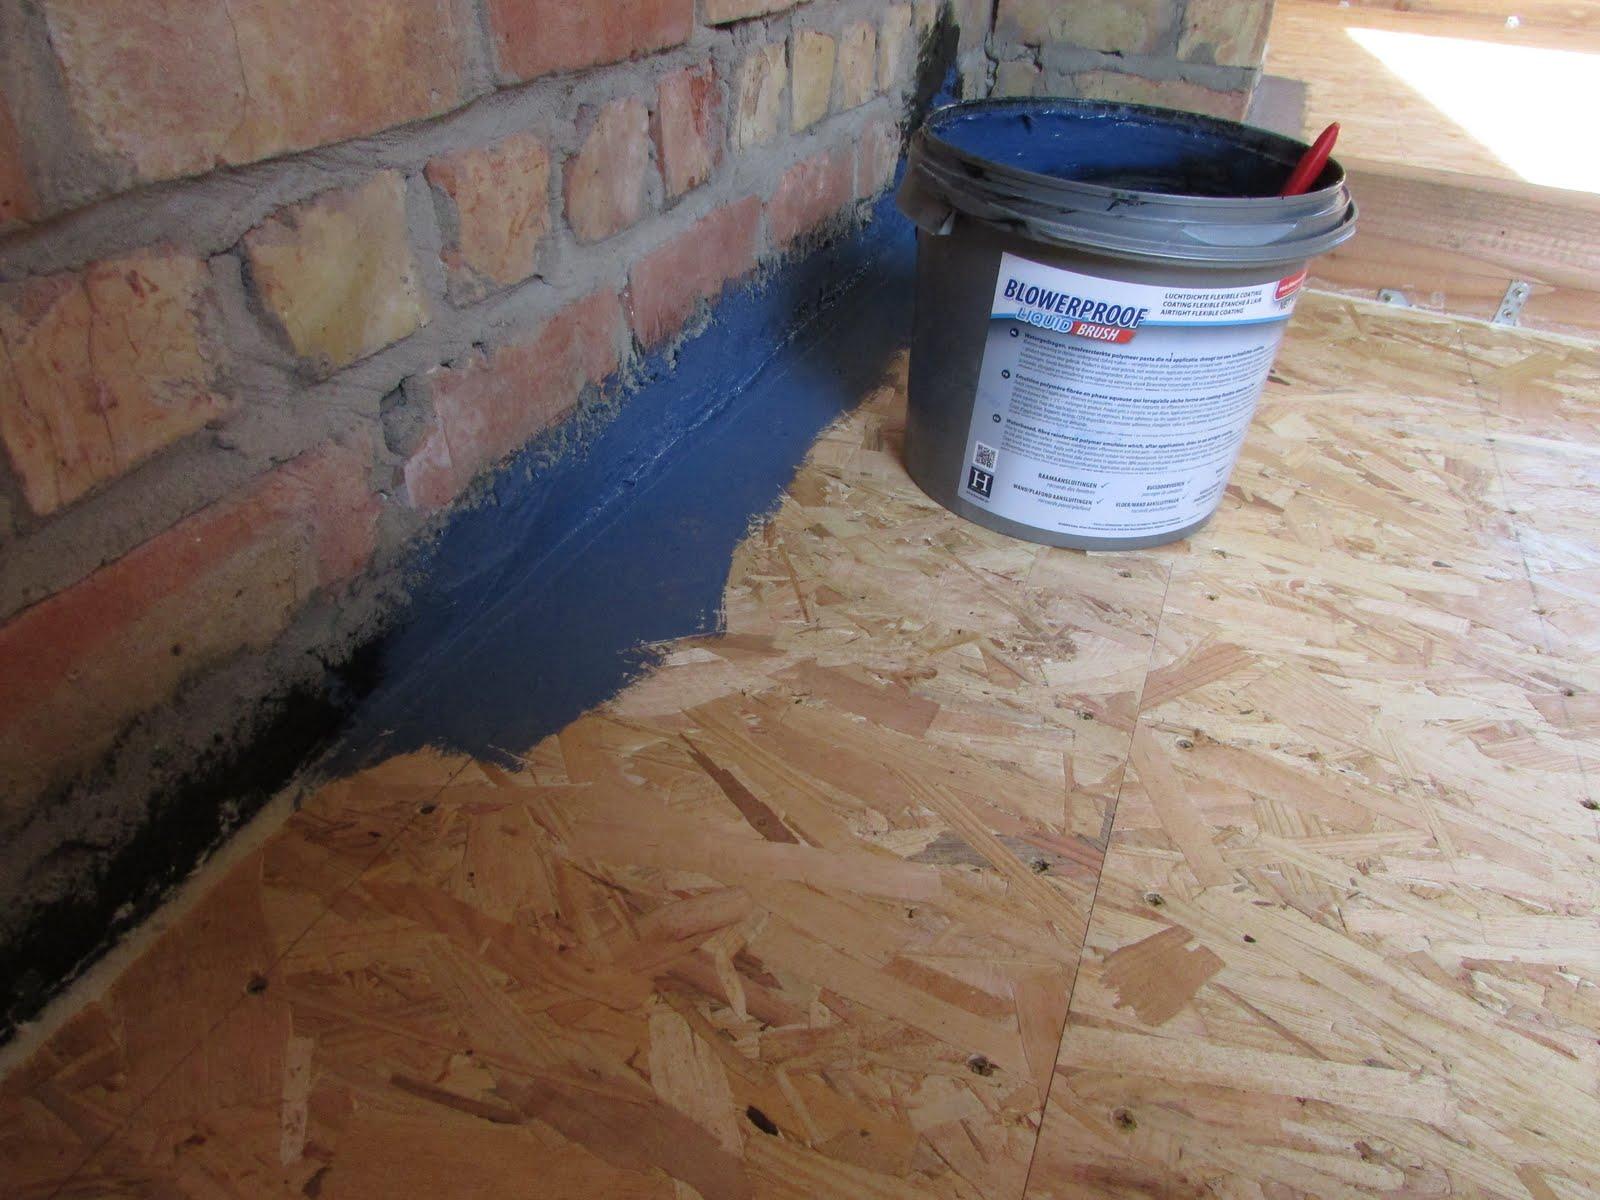 tussen de twee lagen door heb ik de oude elektriciteit naar de verlichting op zolder uitgebroken en nog enkele rookmelders in de slaapkamers